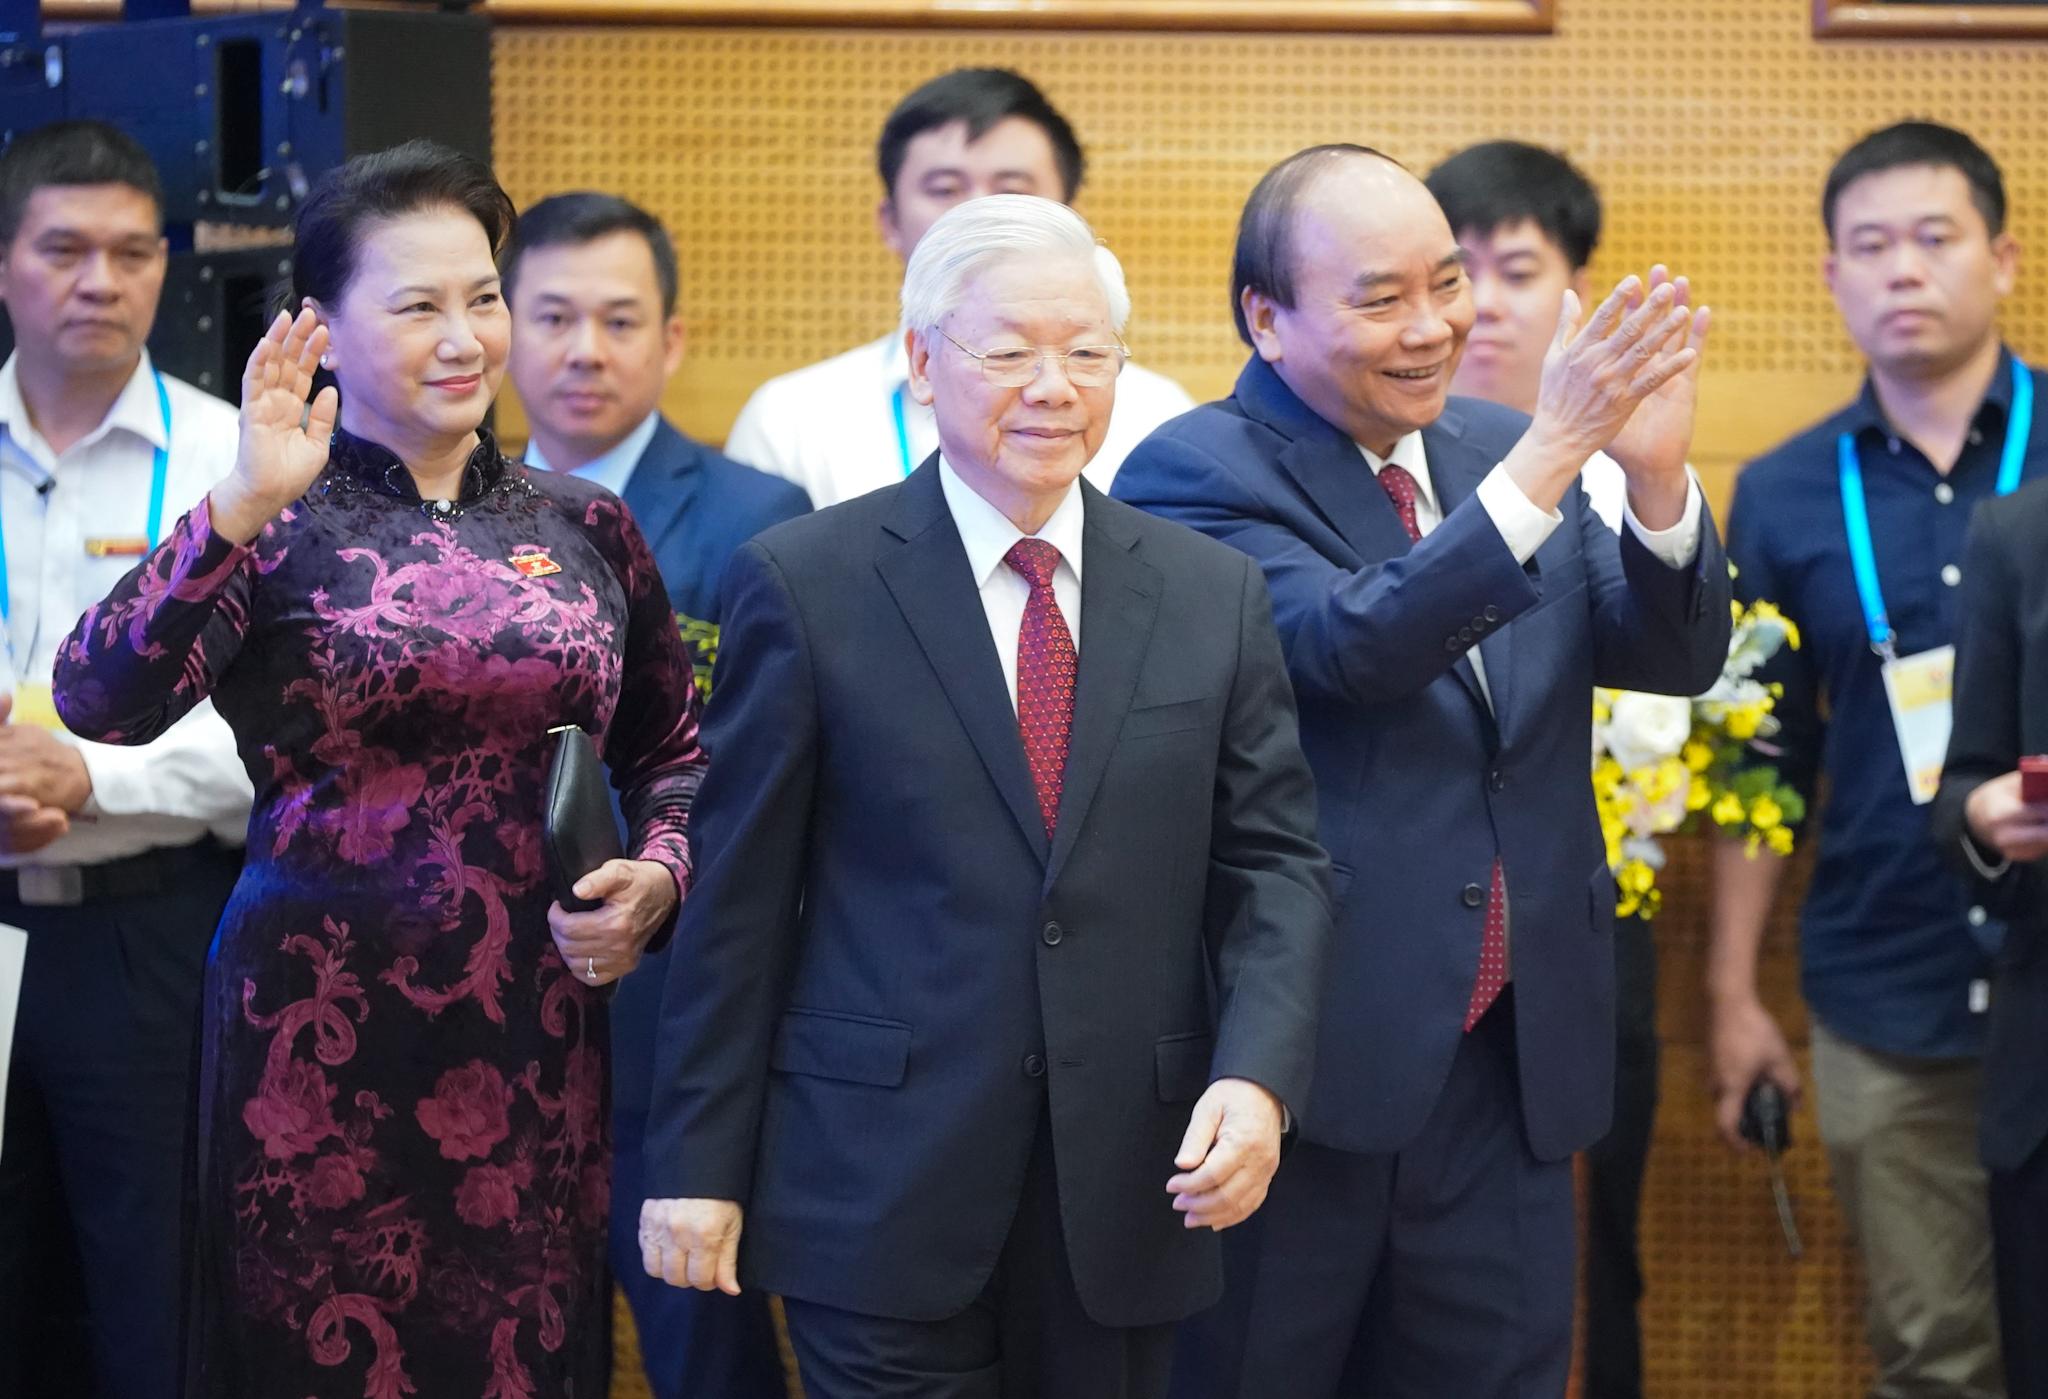 Sáng nay, khai mại Hội nghị Cấp cao ASEAN lần thứ 37